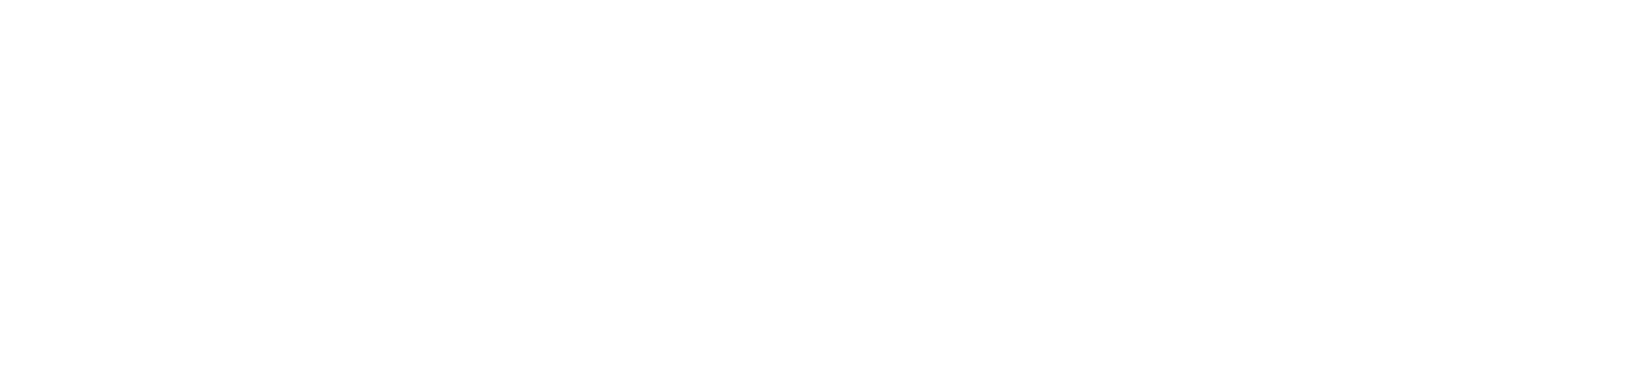 Peachfolio